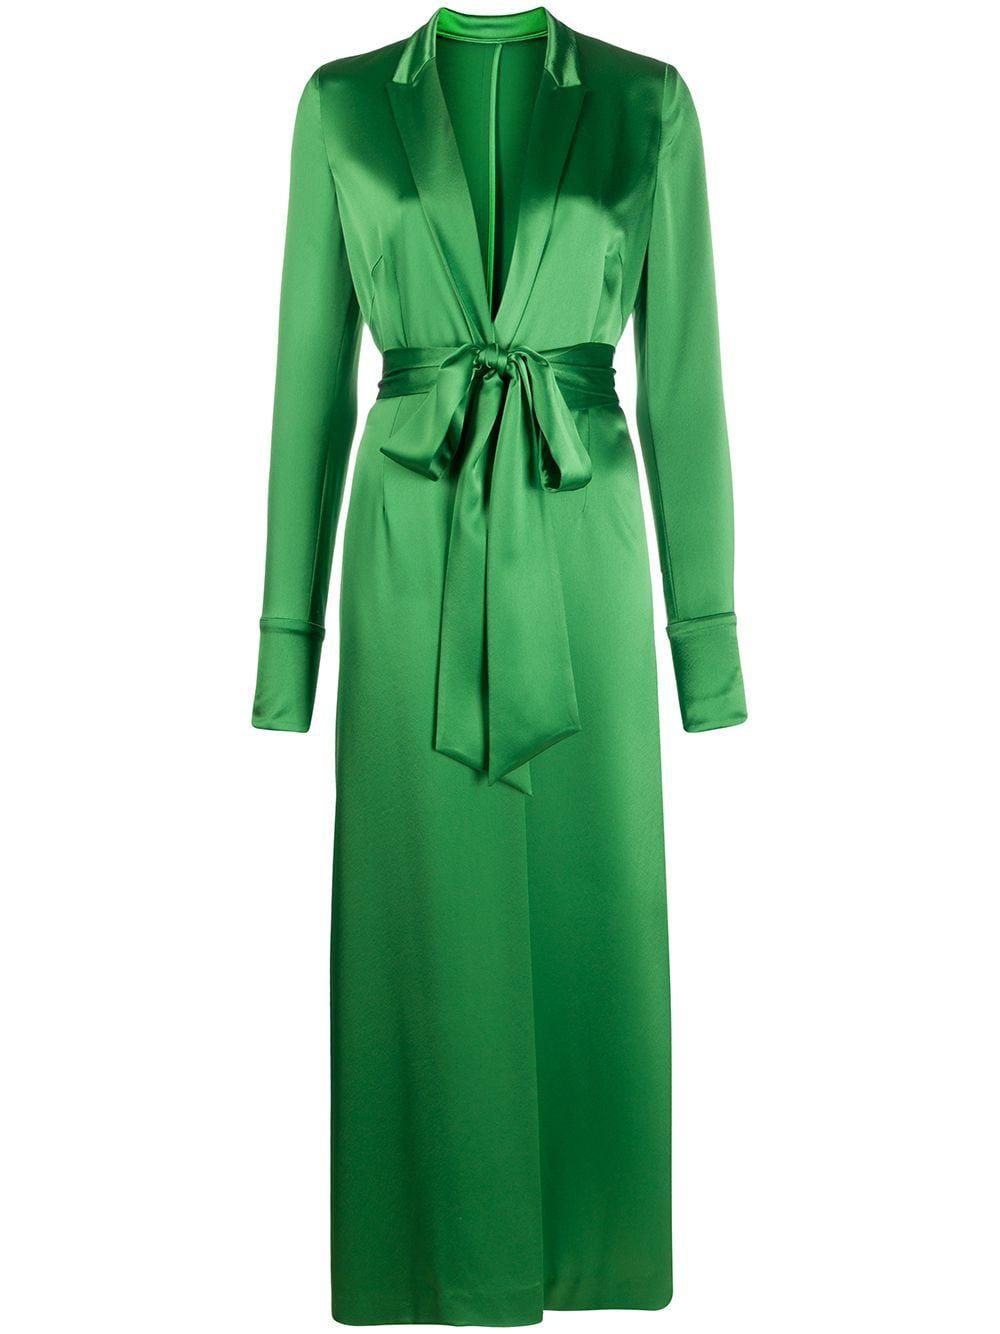 Galvan Callisto Wrap Midi Dress Farfetch Midi Dress Green Midi Dress Midi Dress With Sleeves [ 1334 x 1000 Pixel ]